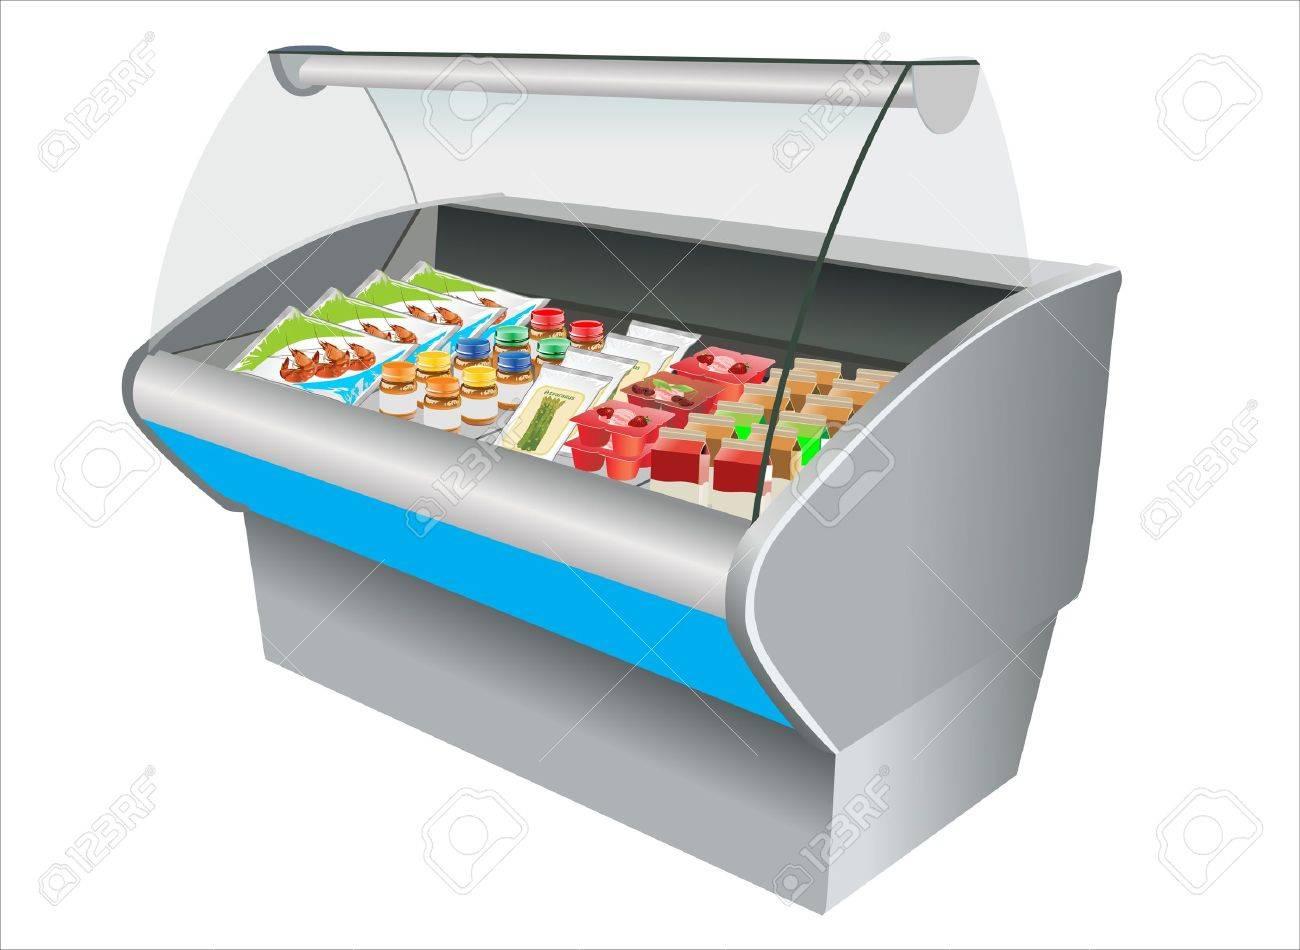 Groß Ge Kühlschrank Ideen - Die Besten Wohnideen - kinjolas.com